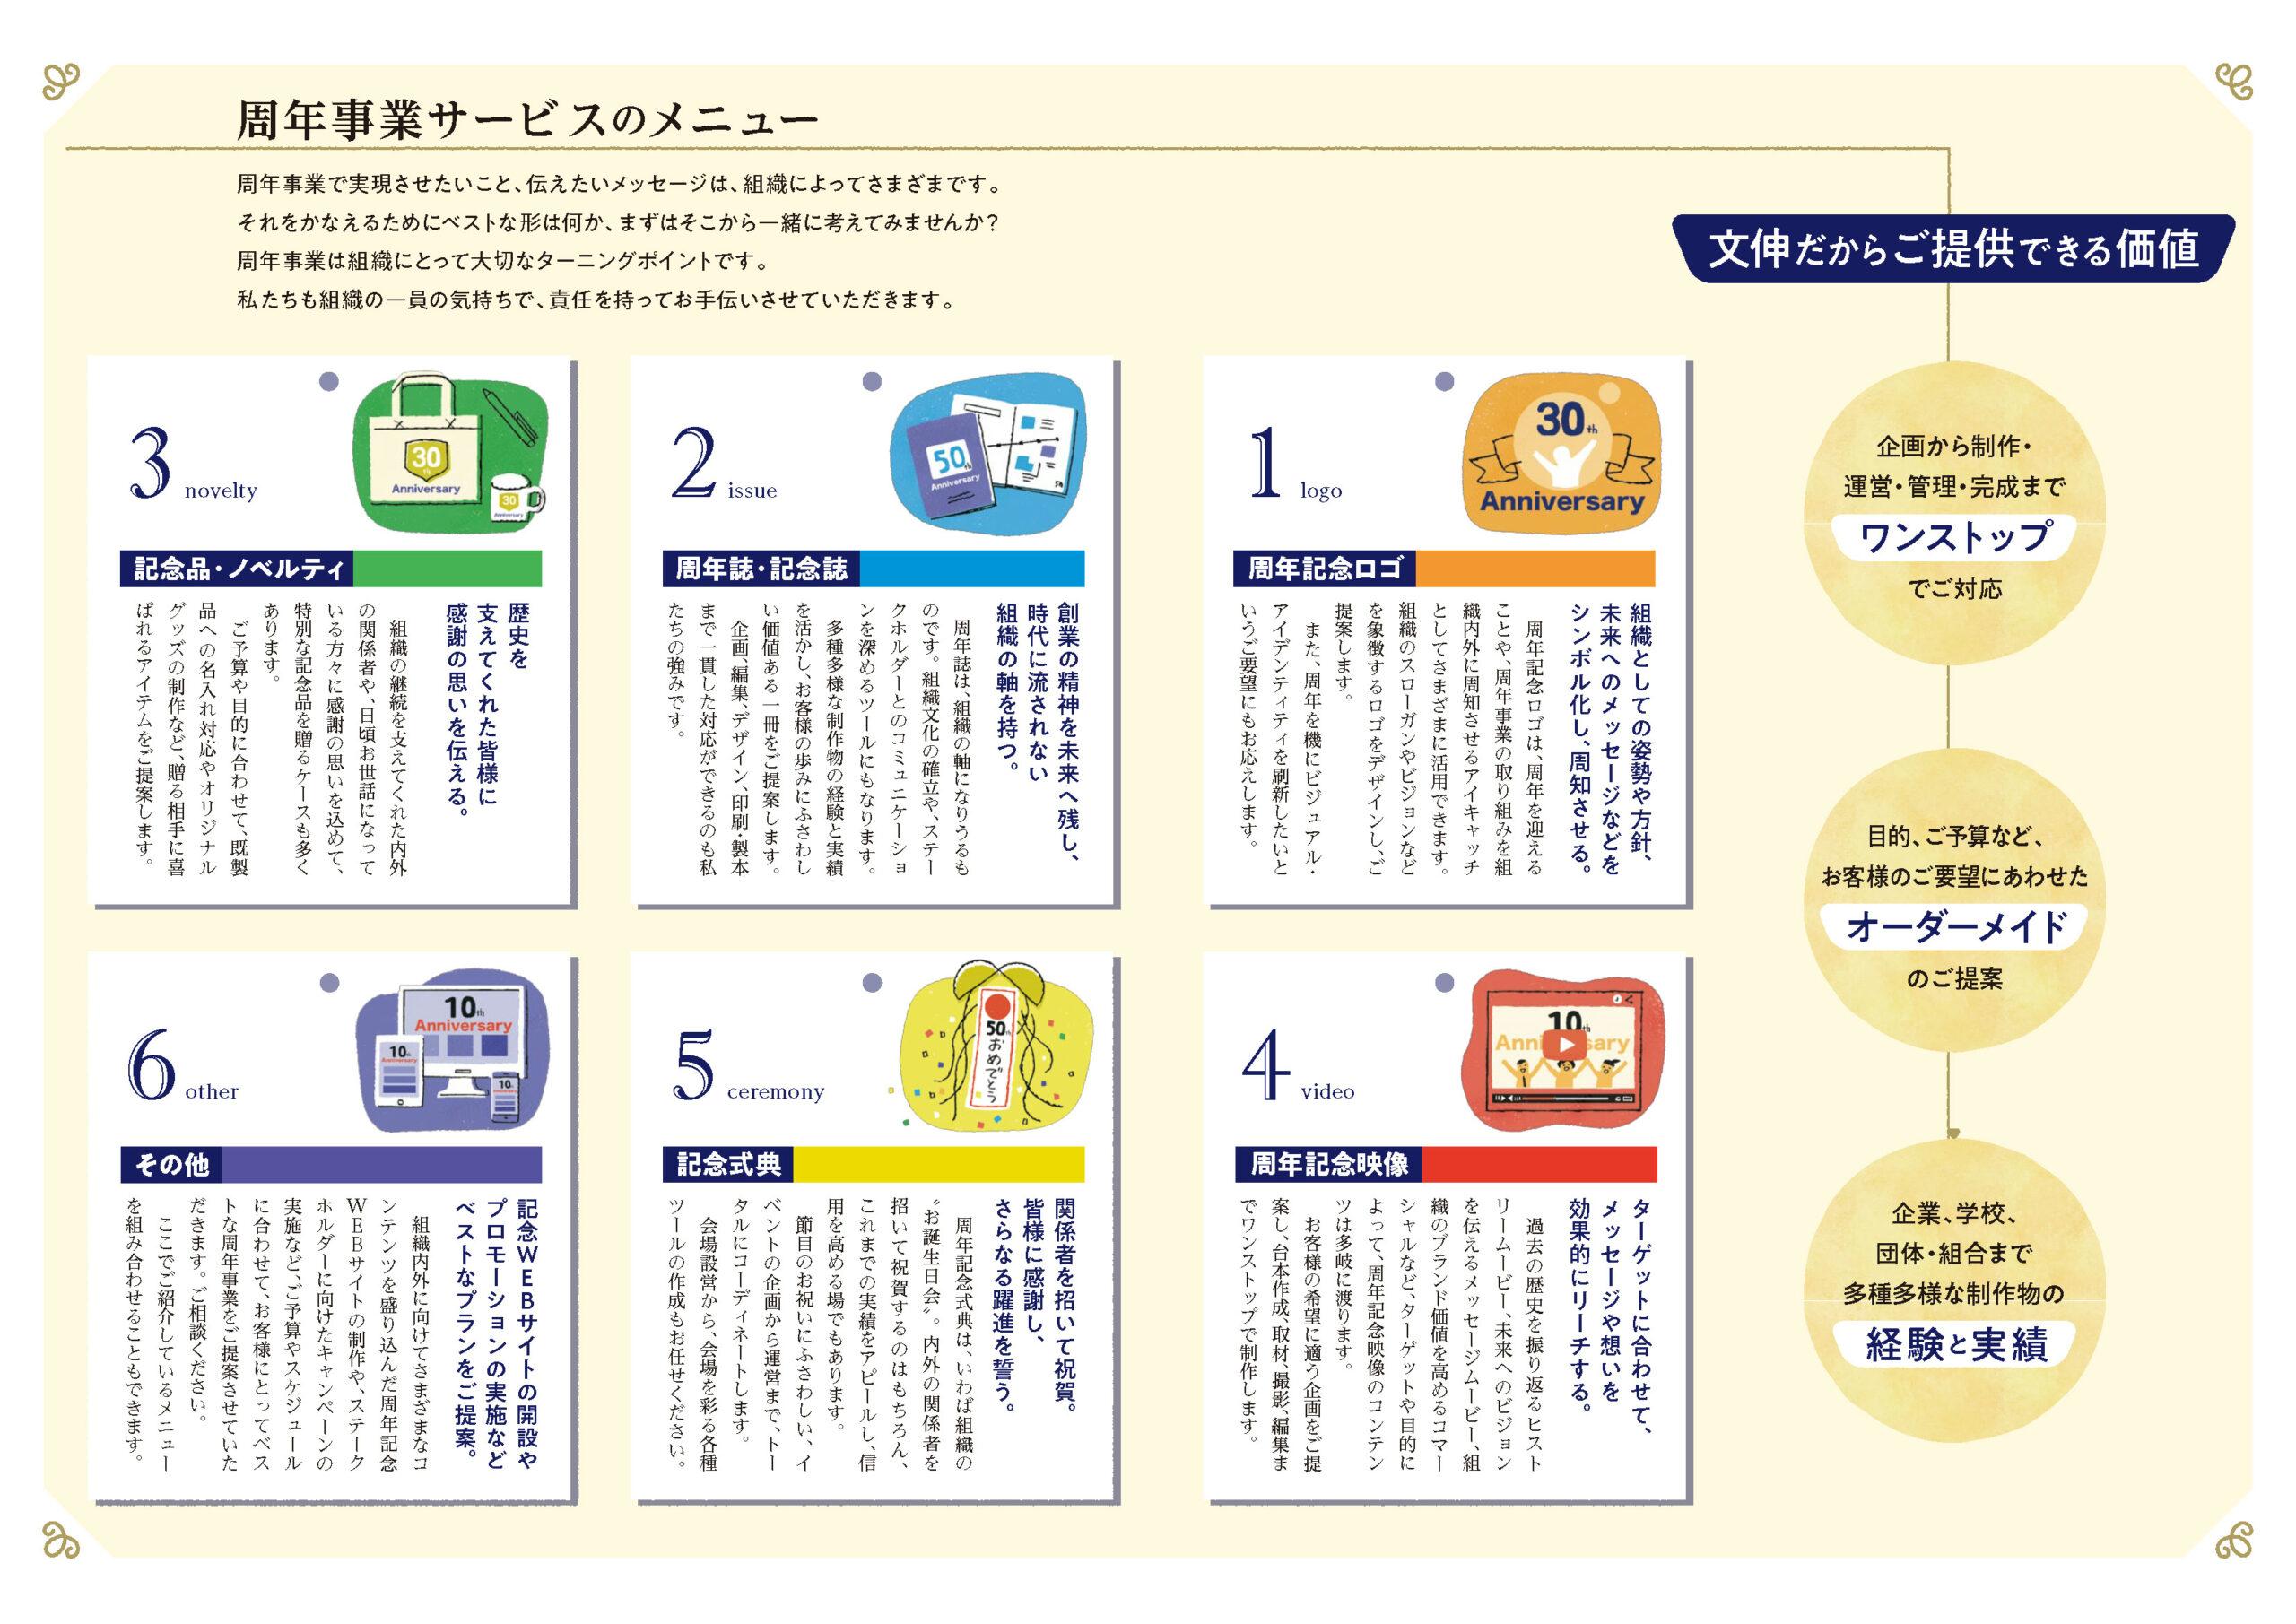 「周年事業サービス」の新パンフレット登場!